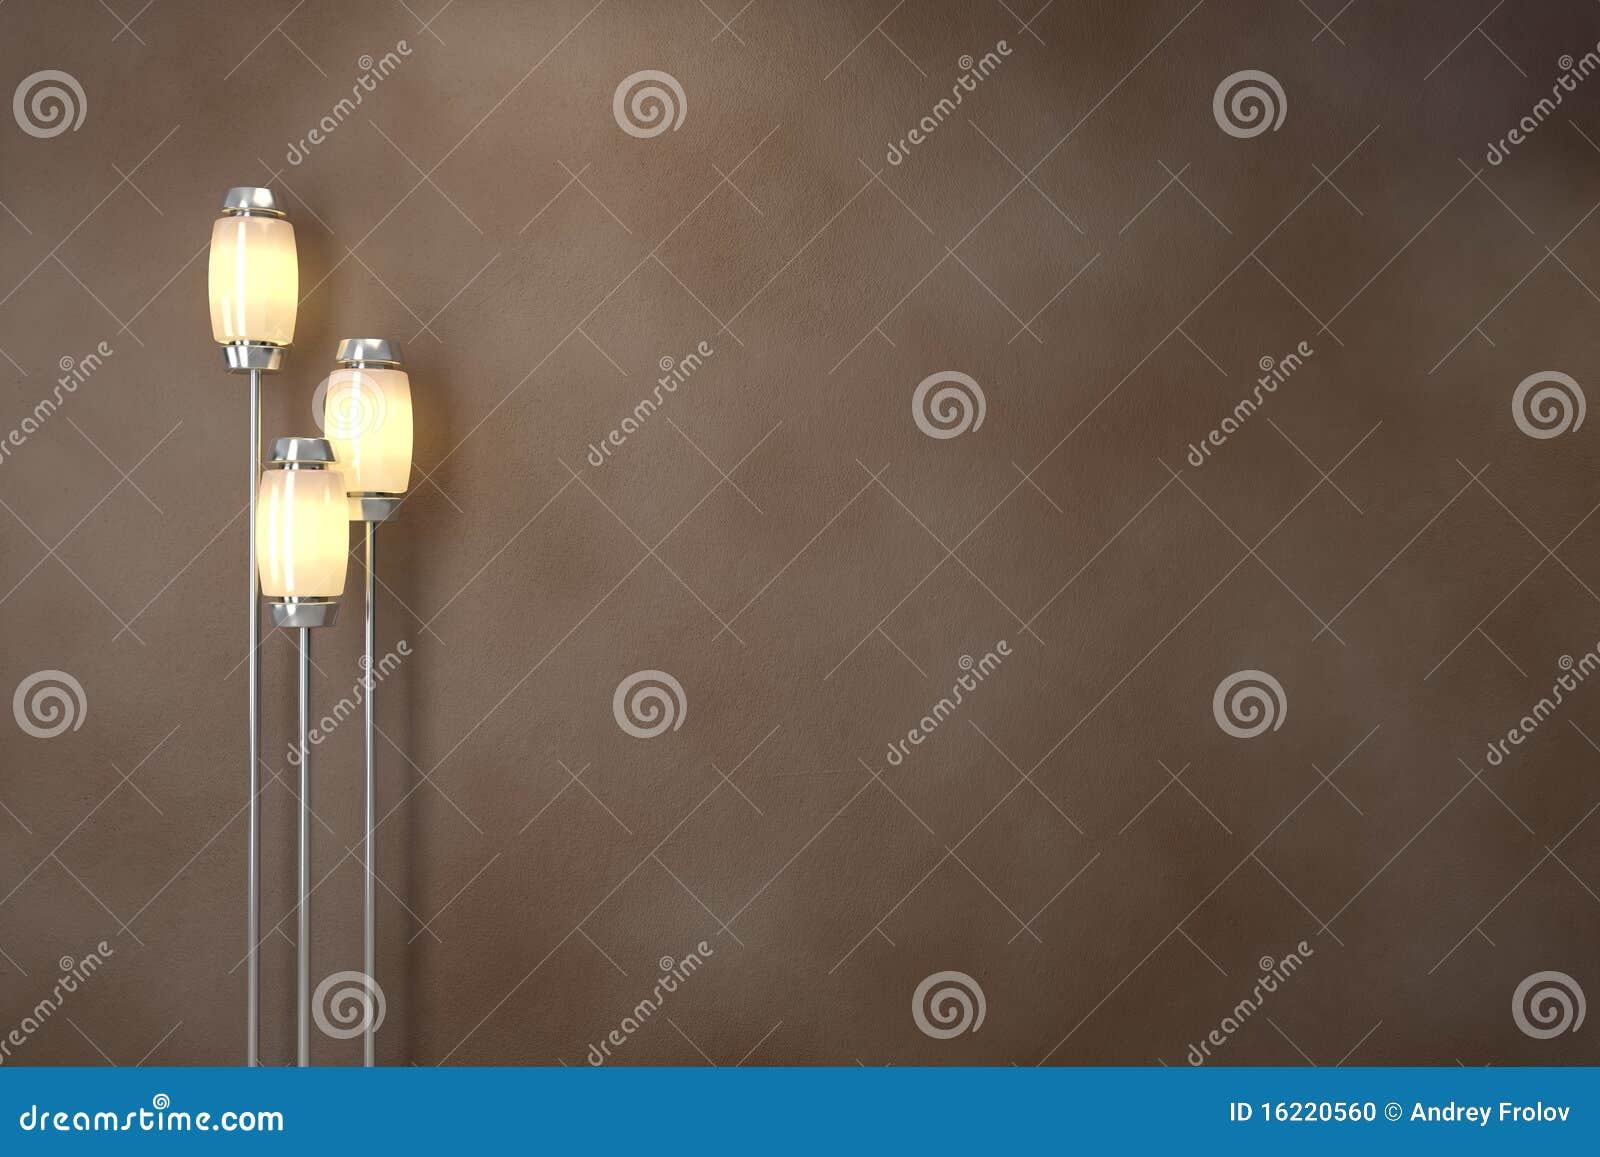 Moderne lampen weiche beleuchtung